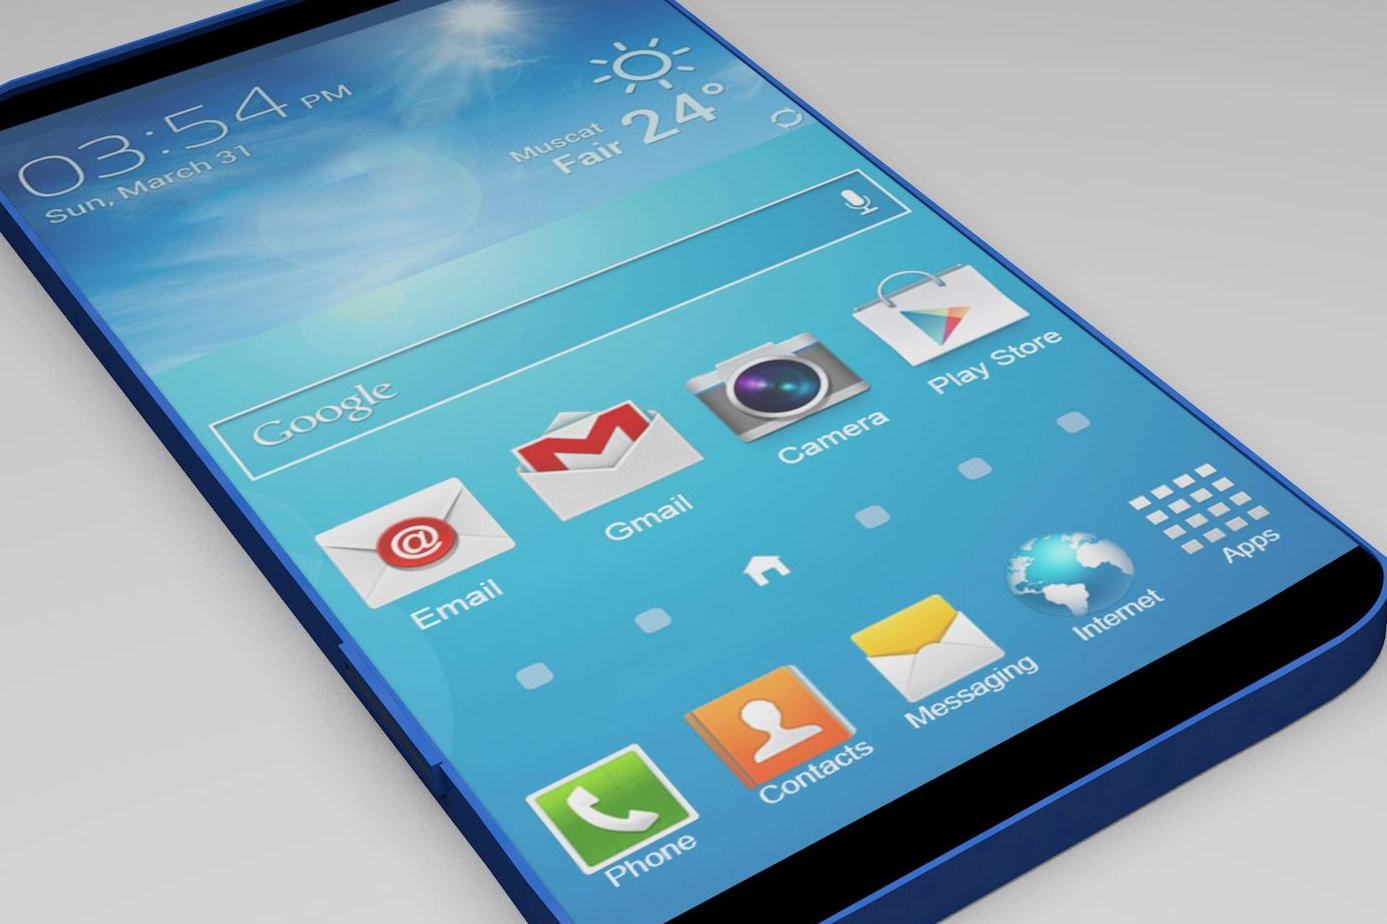 Каким должен быть Samsung Galaxy S6, чтобы завоевать рынок Android-смартфонов?